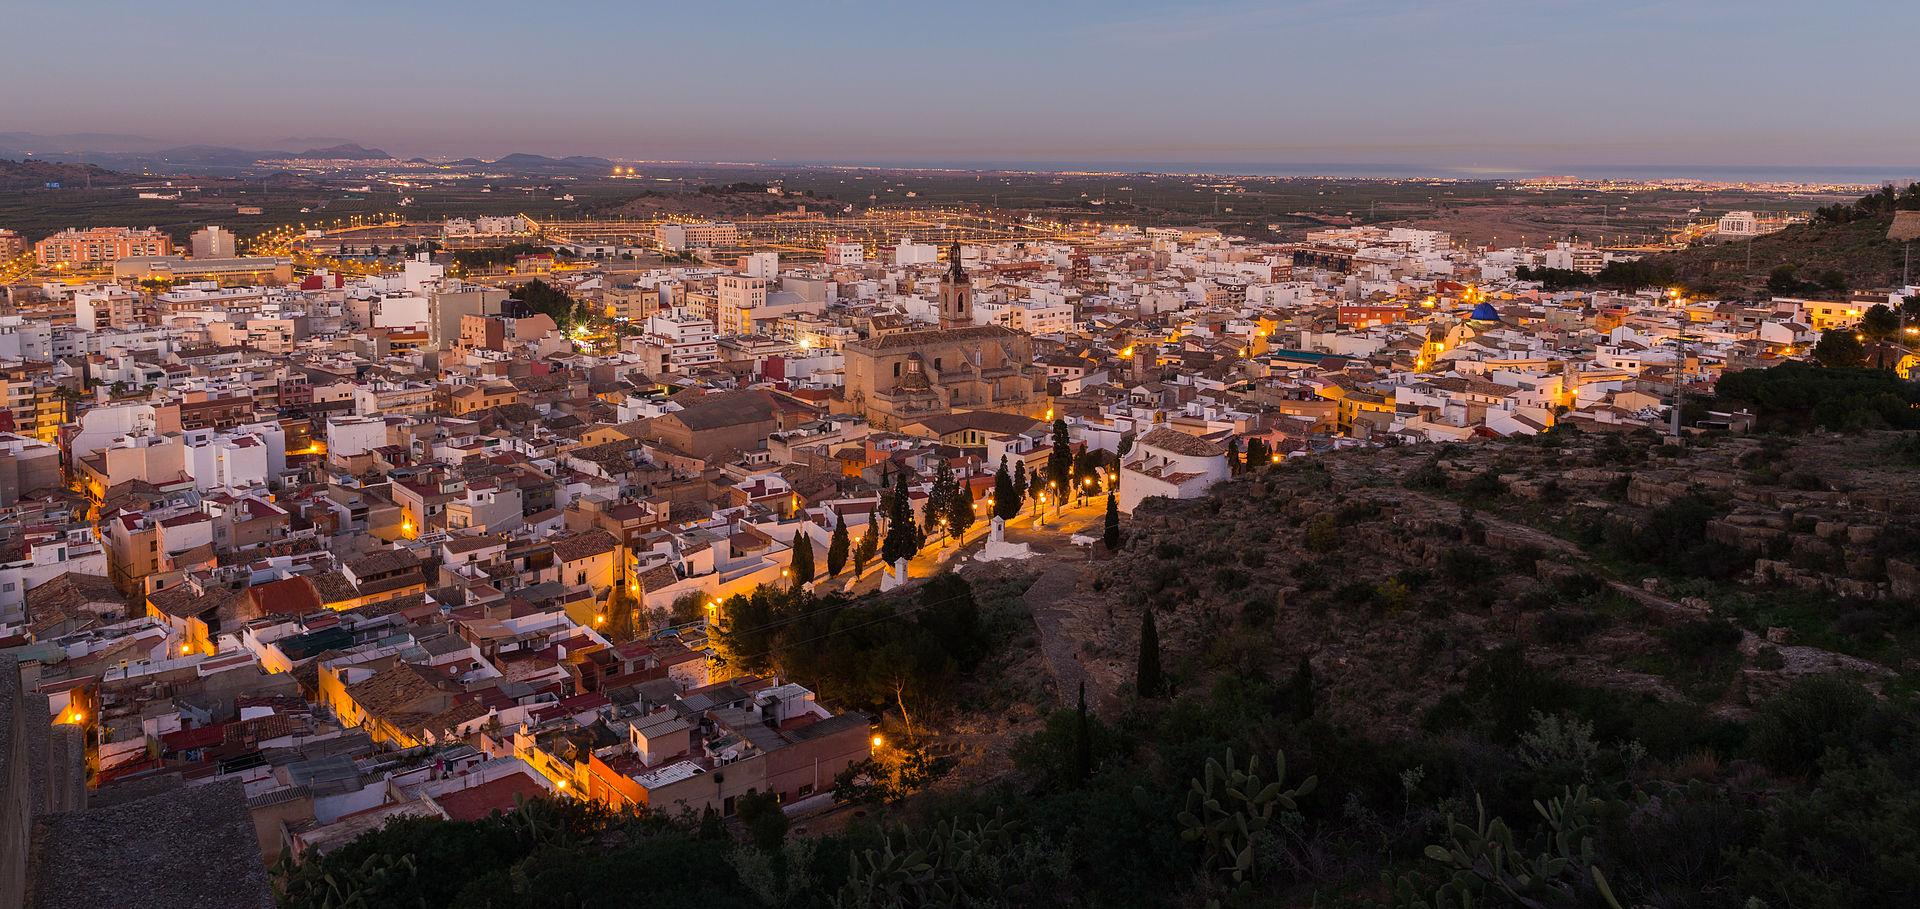 Vista de la ciudad con la iglesia de Santa María en el centro.